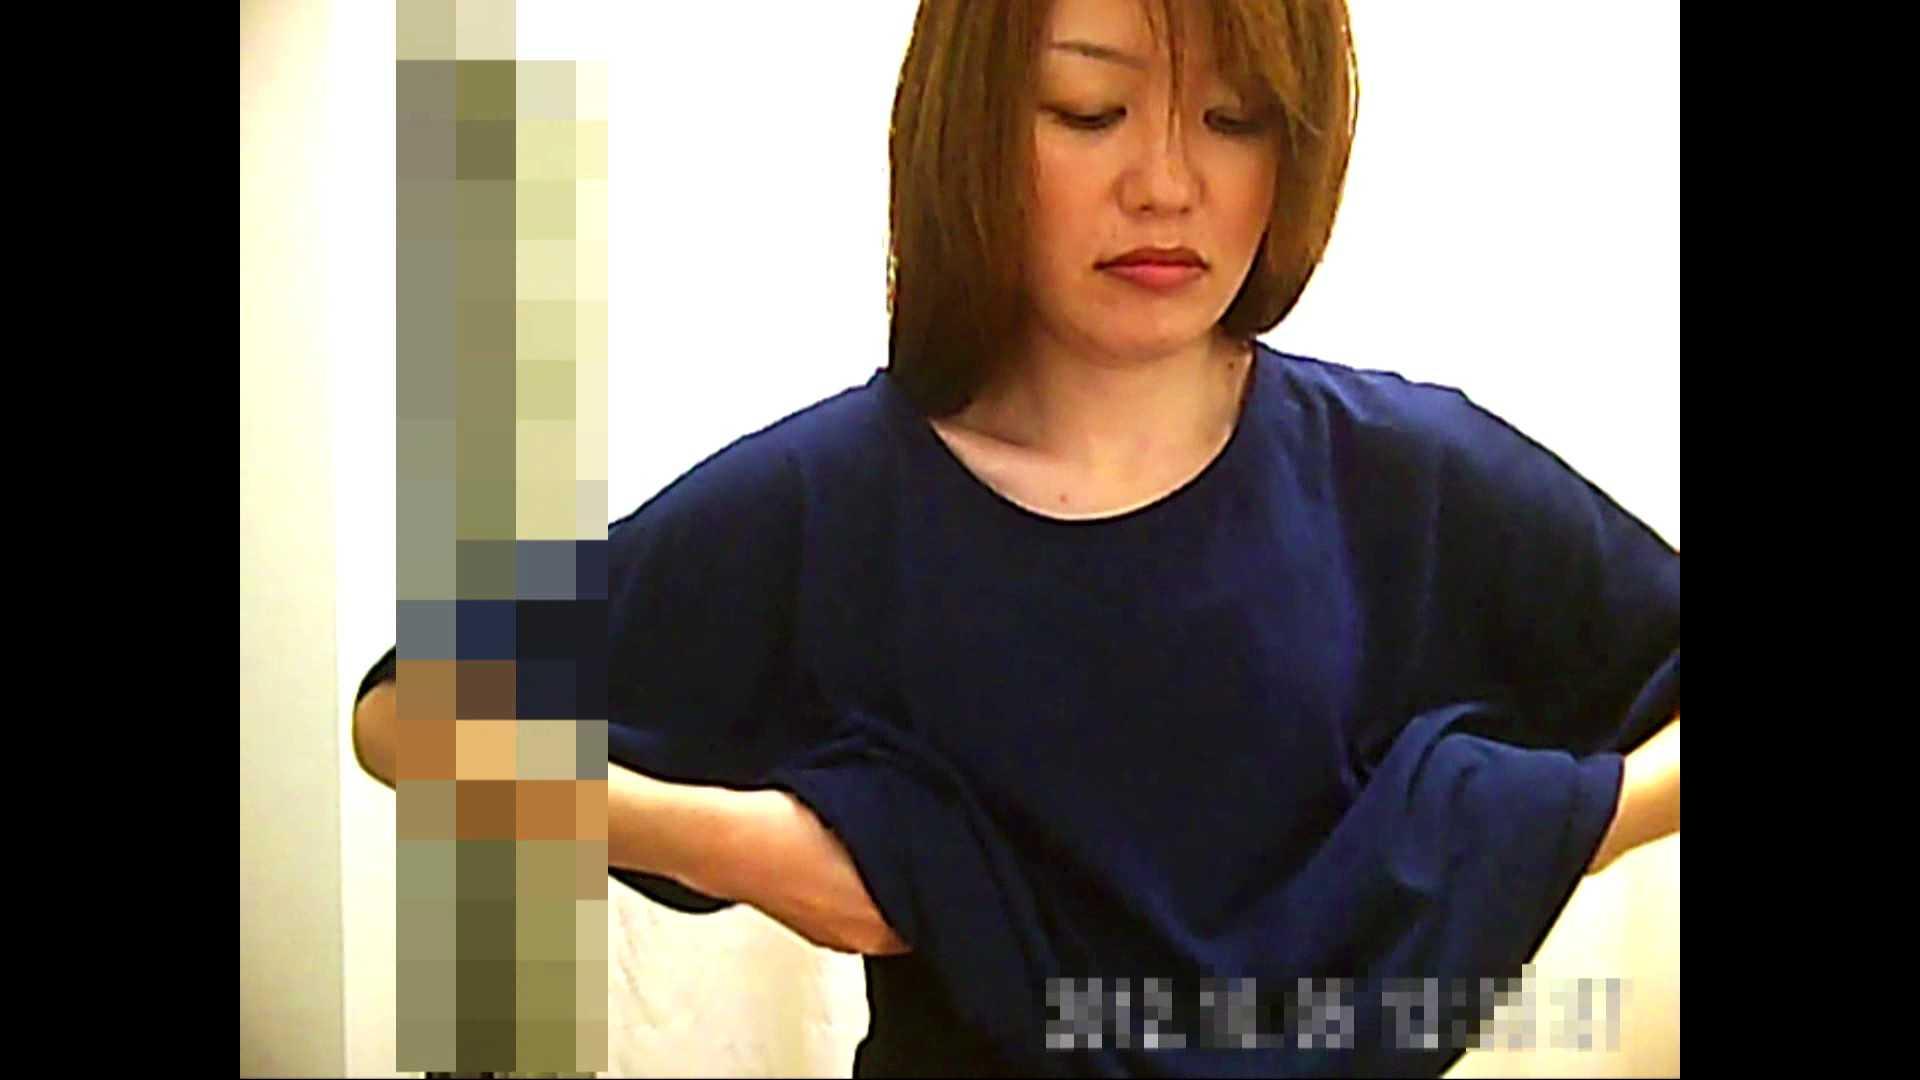 病院おもいっきり着替え! vol.230 貧乳 盗み撮り動画キャプチャ 81PIX 20